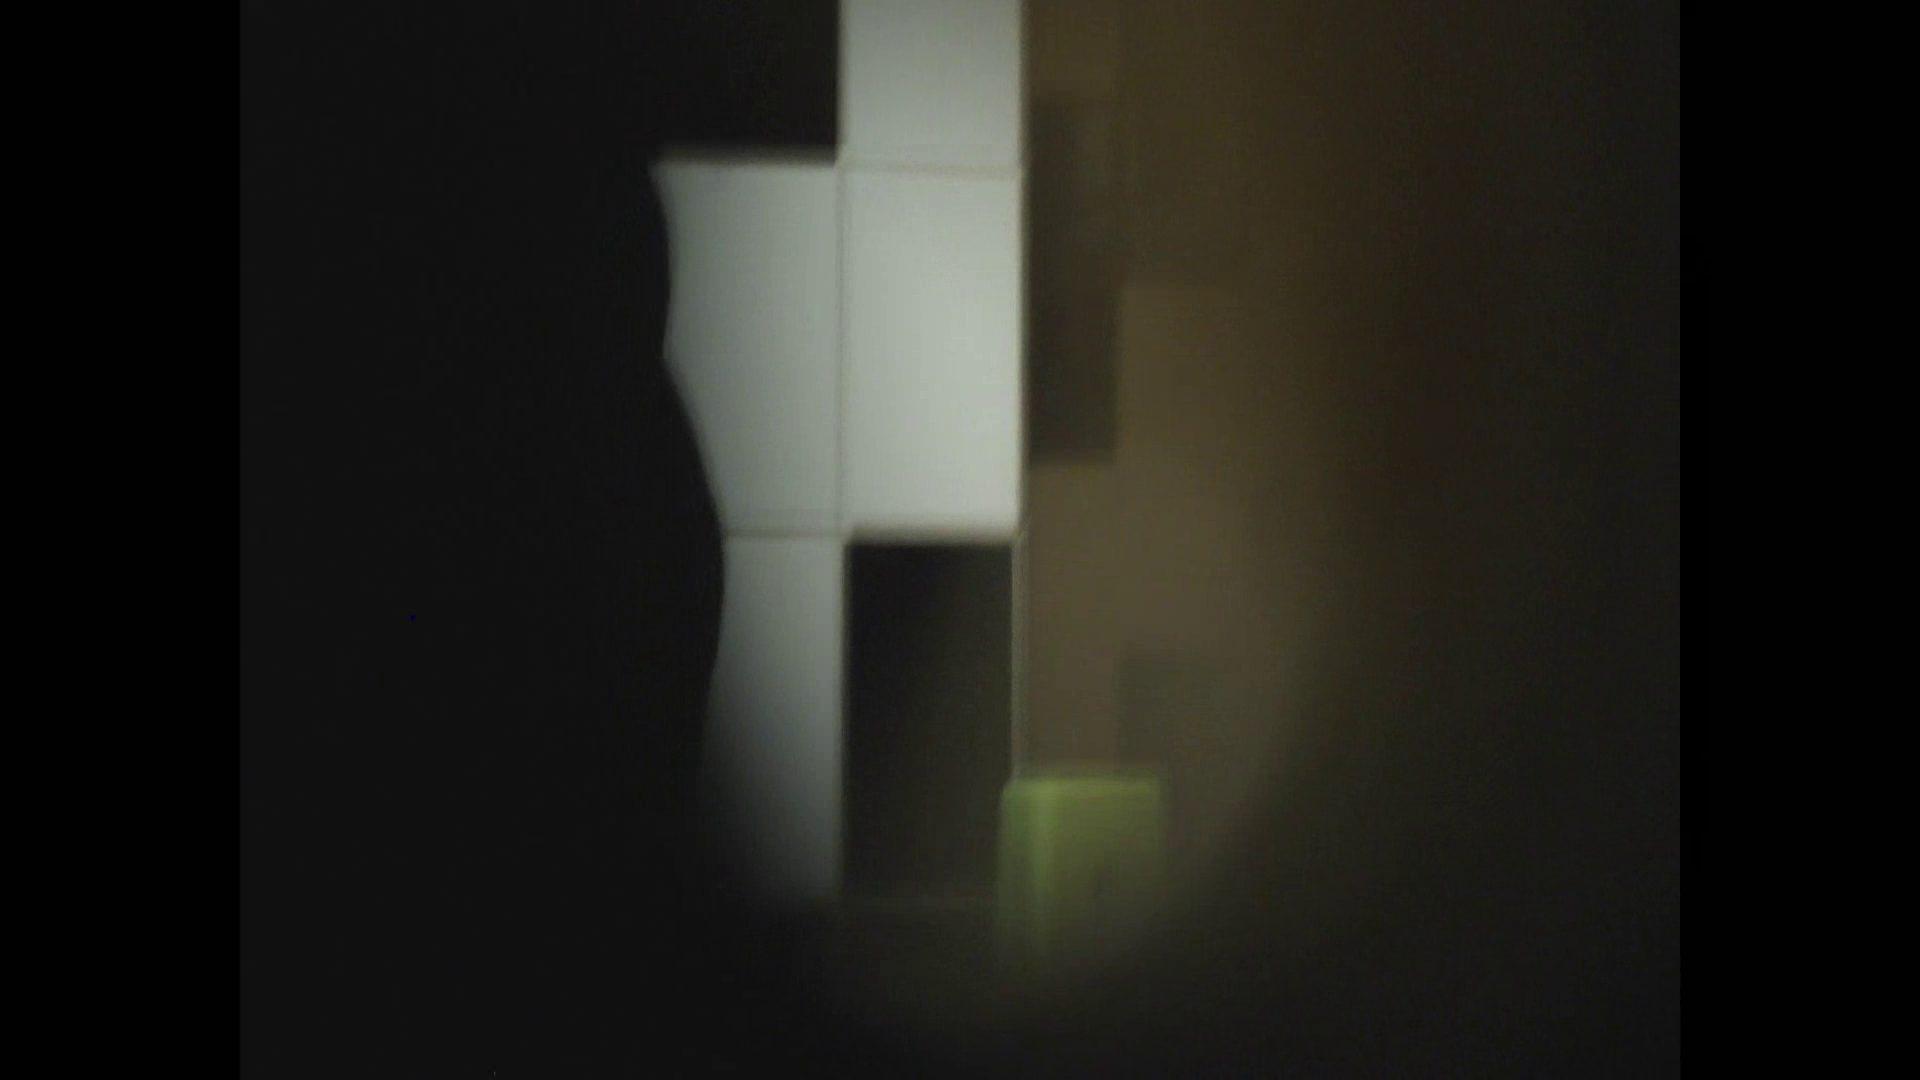 イケメンの素顔in洗面所 Vol.06 イケメンのsex | 0  106pic 74